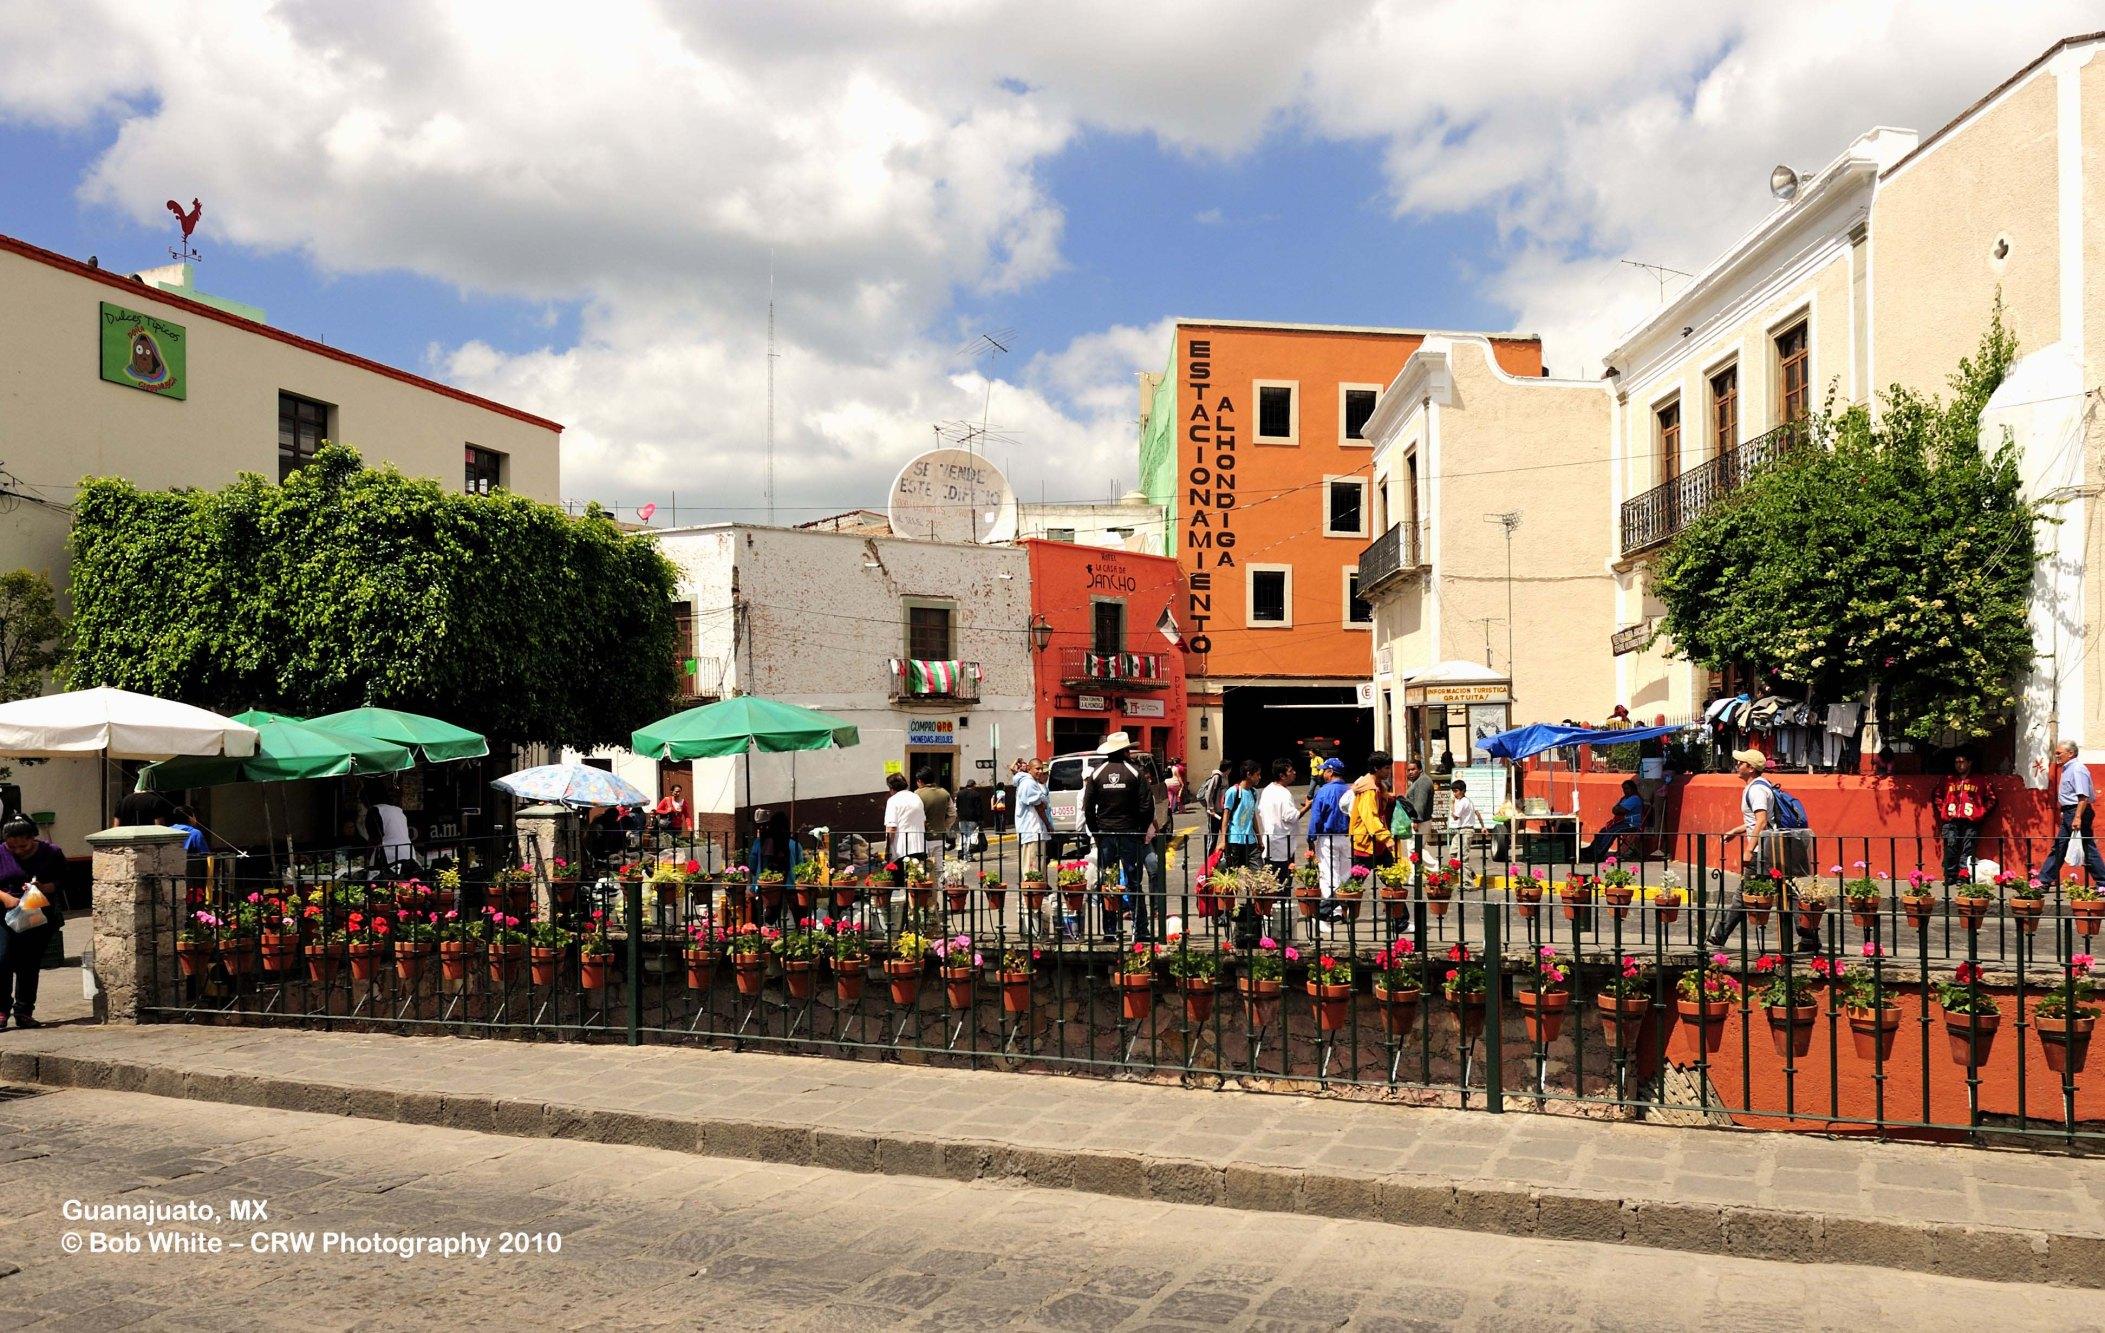 88 Streets of Guanajuato